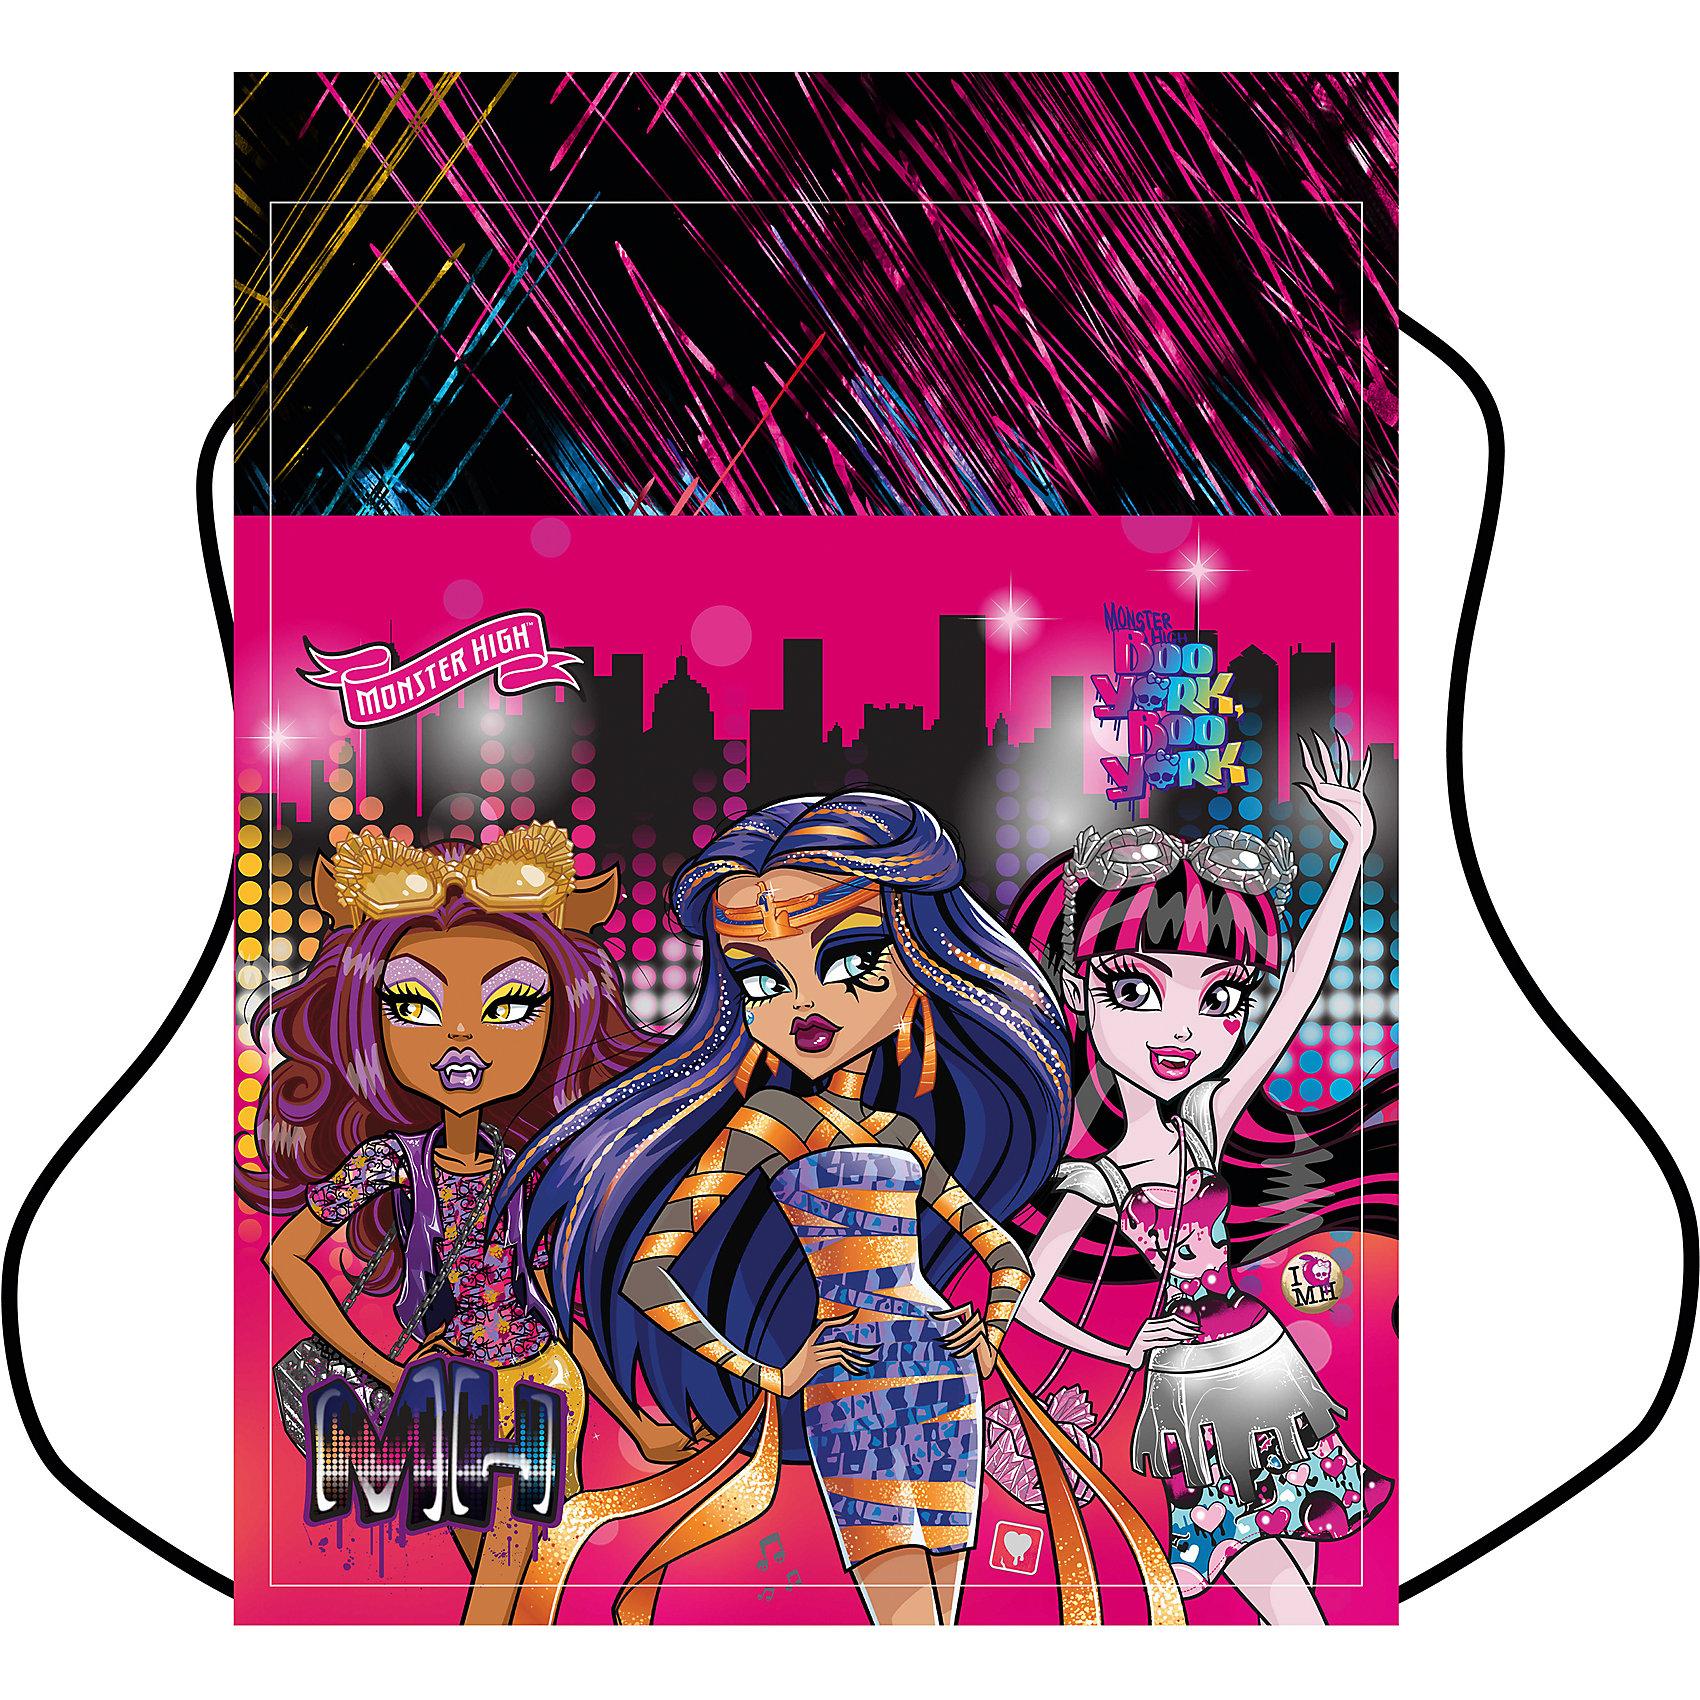 Мешок для обуви, 1 отделение, Monster HighОчень симпатичный и удобный мешок для обуви позволит ребенку с комфортом носить сменку или кроссовки. Он декорирован изображением любимых девочками героинь мультфильма Monster High. Выглядит очень стильно.<br>Мешок для переноски обуви затягивается сверху шнуром-лямкой и носится, как рюкзак. Выполнен мешок из плотной непромокаемой ткани. Сделан из качественных материалов и прослужит долго. Изделие подойдет не только для школы, но и для посещения внеклассных занятий и тренировок.<br><br>Особенности изделия:<br><br>цвет: разноцветный;<br>материал: водонепроницаемая ткань;<br>вес: 100 г.<br><br>Мешок для обуви, 1 отделение, Monster High можно купить в нашем магазине<br><br>Ширина мм: 5<br>Глубина мм: 32<br>Высота мм: 42<br>Вес г: 100<br>Возраст от месяцев: 72<br>Возраст до месяцев: 144<br>Пол: Женский<br>Возраст: Детский<br>SKU: 4743941